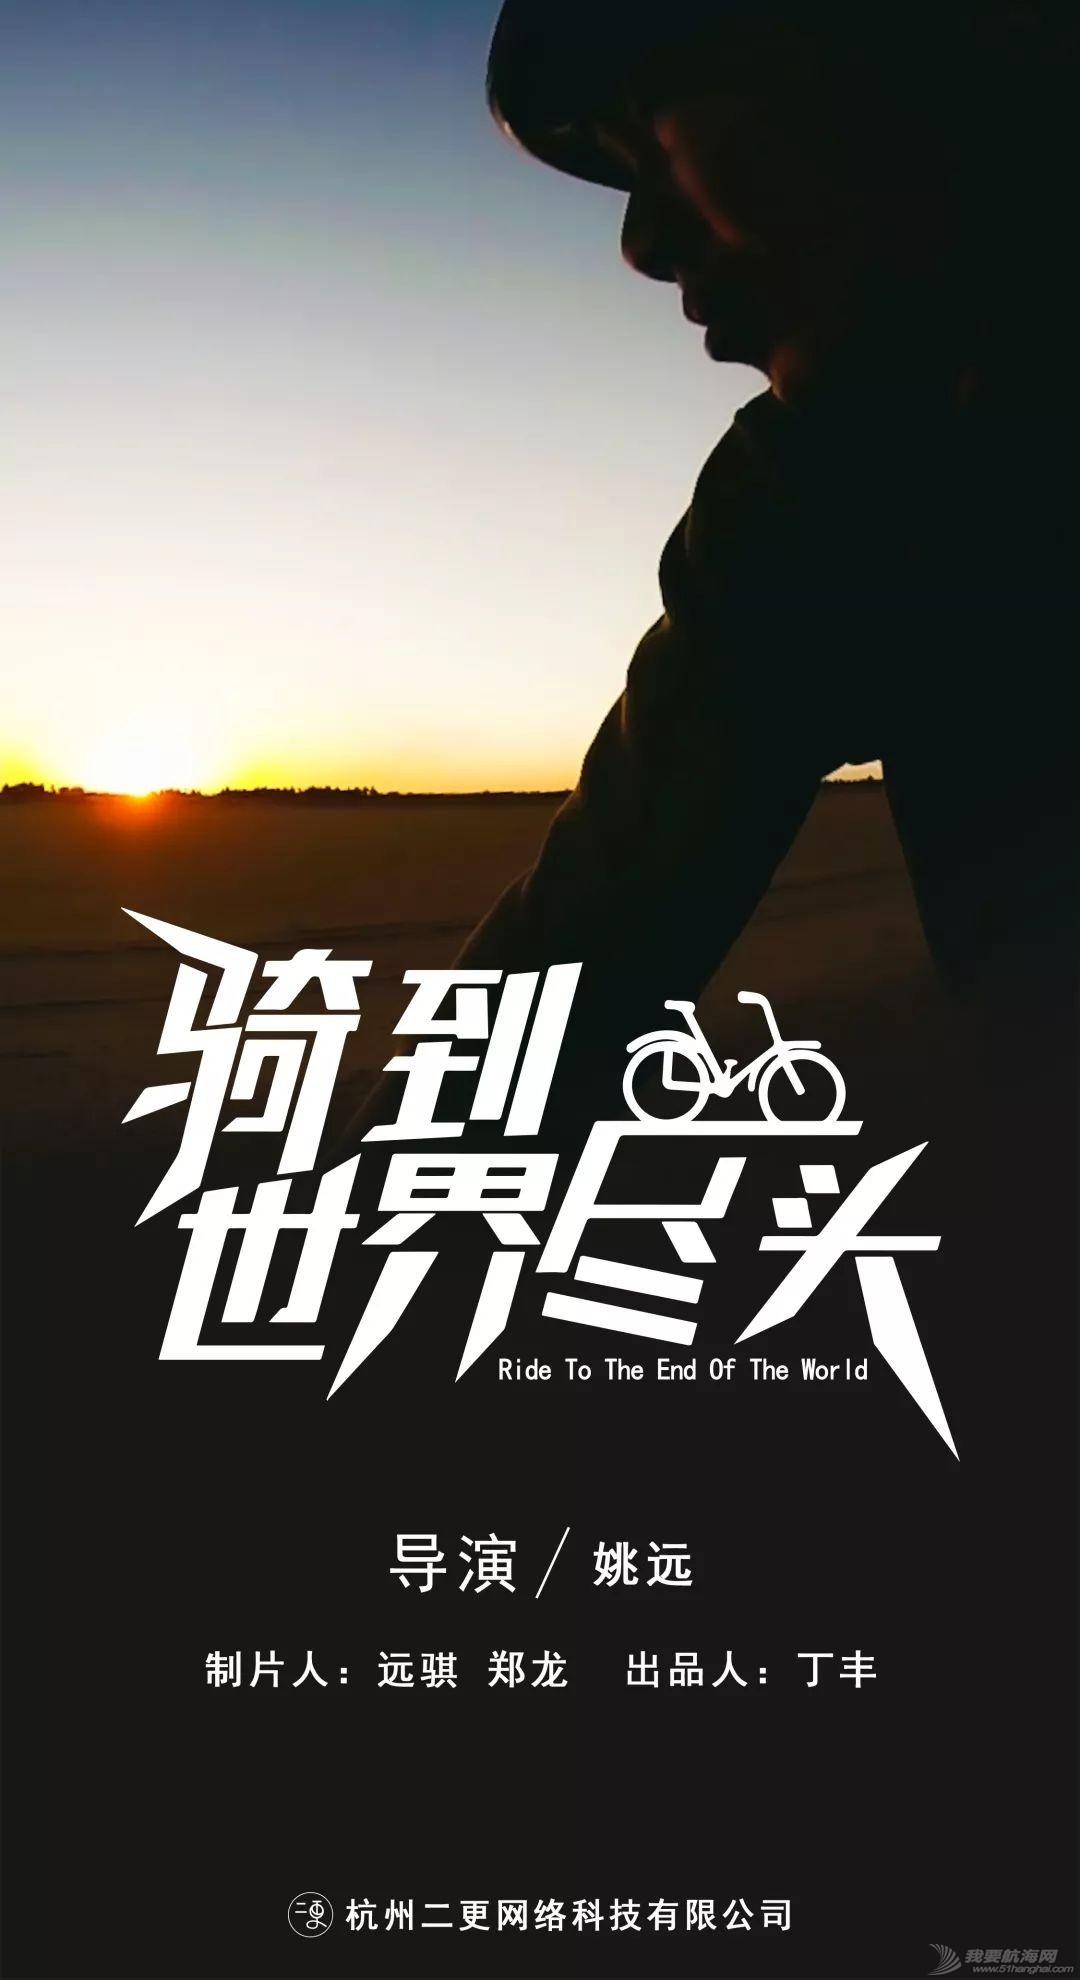 三亚号《乘风天涯》纪录片入围2019南山国际山地电影节!w37.jpg